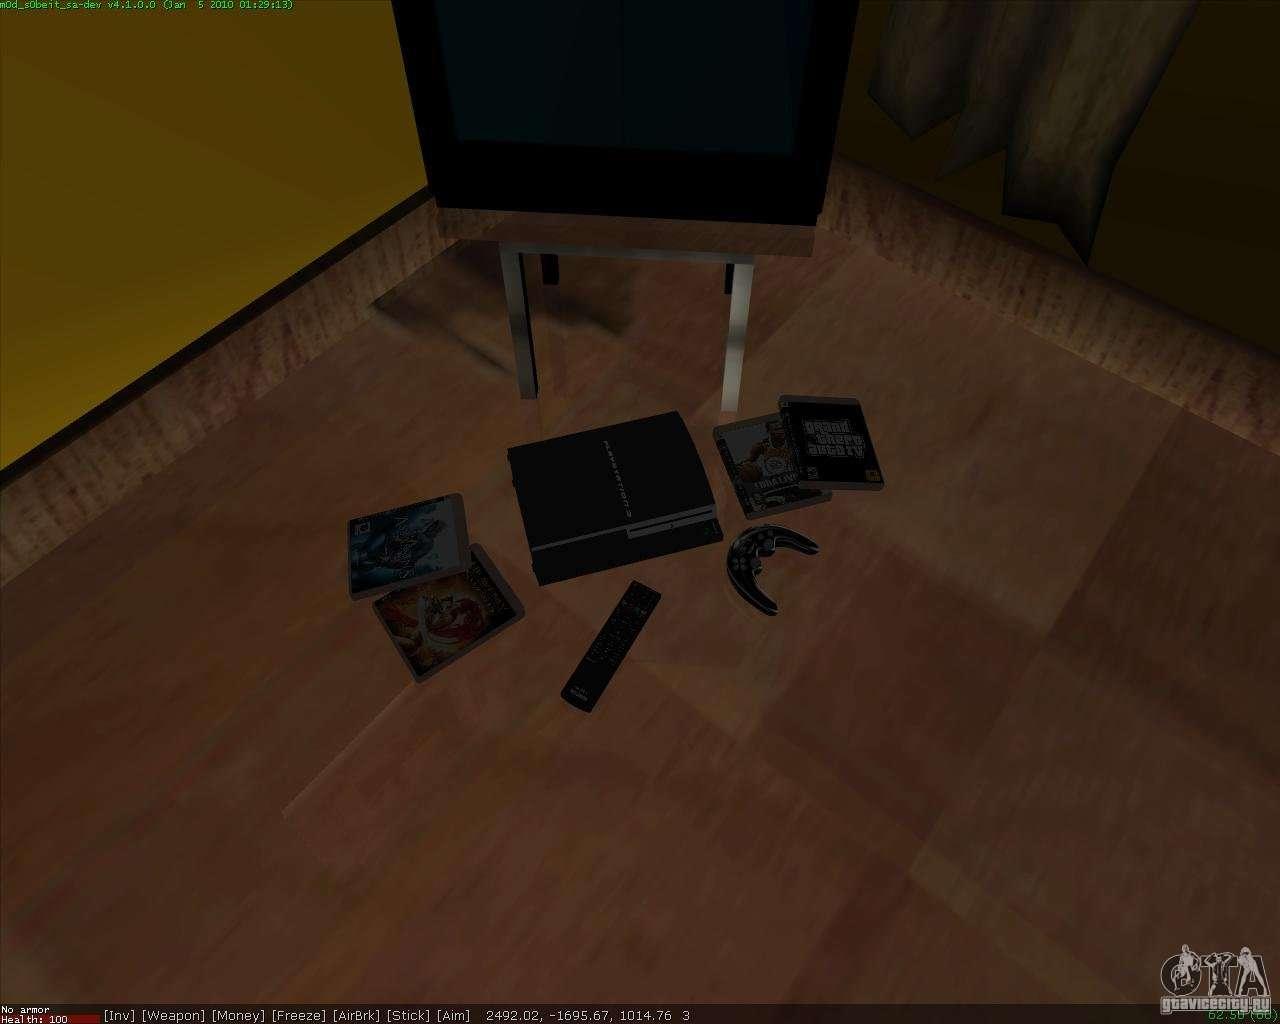 Ps3 Gta 4 Mod Installer